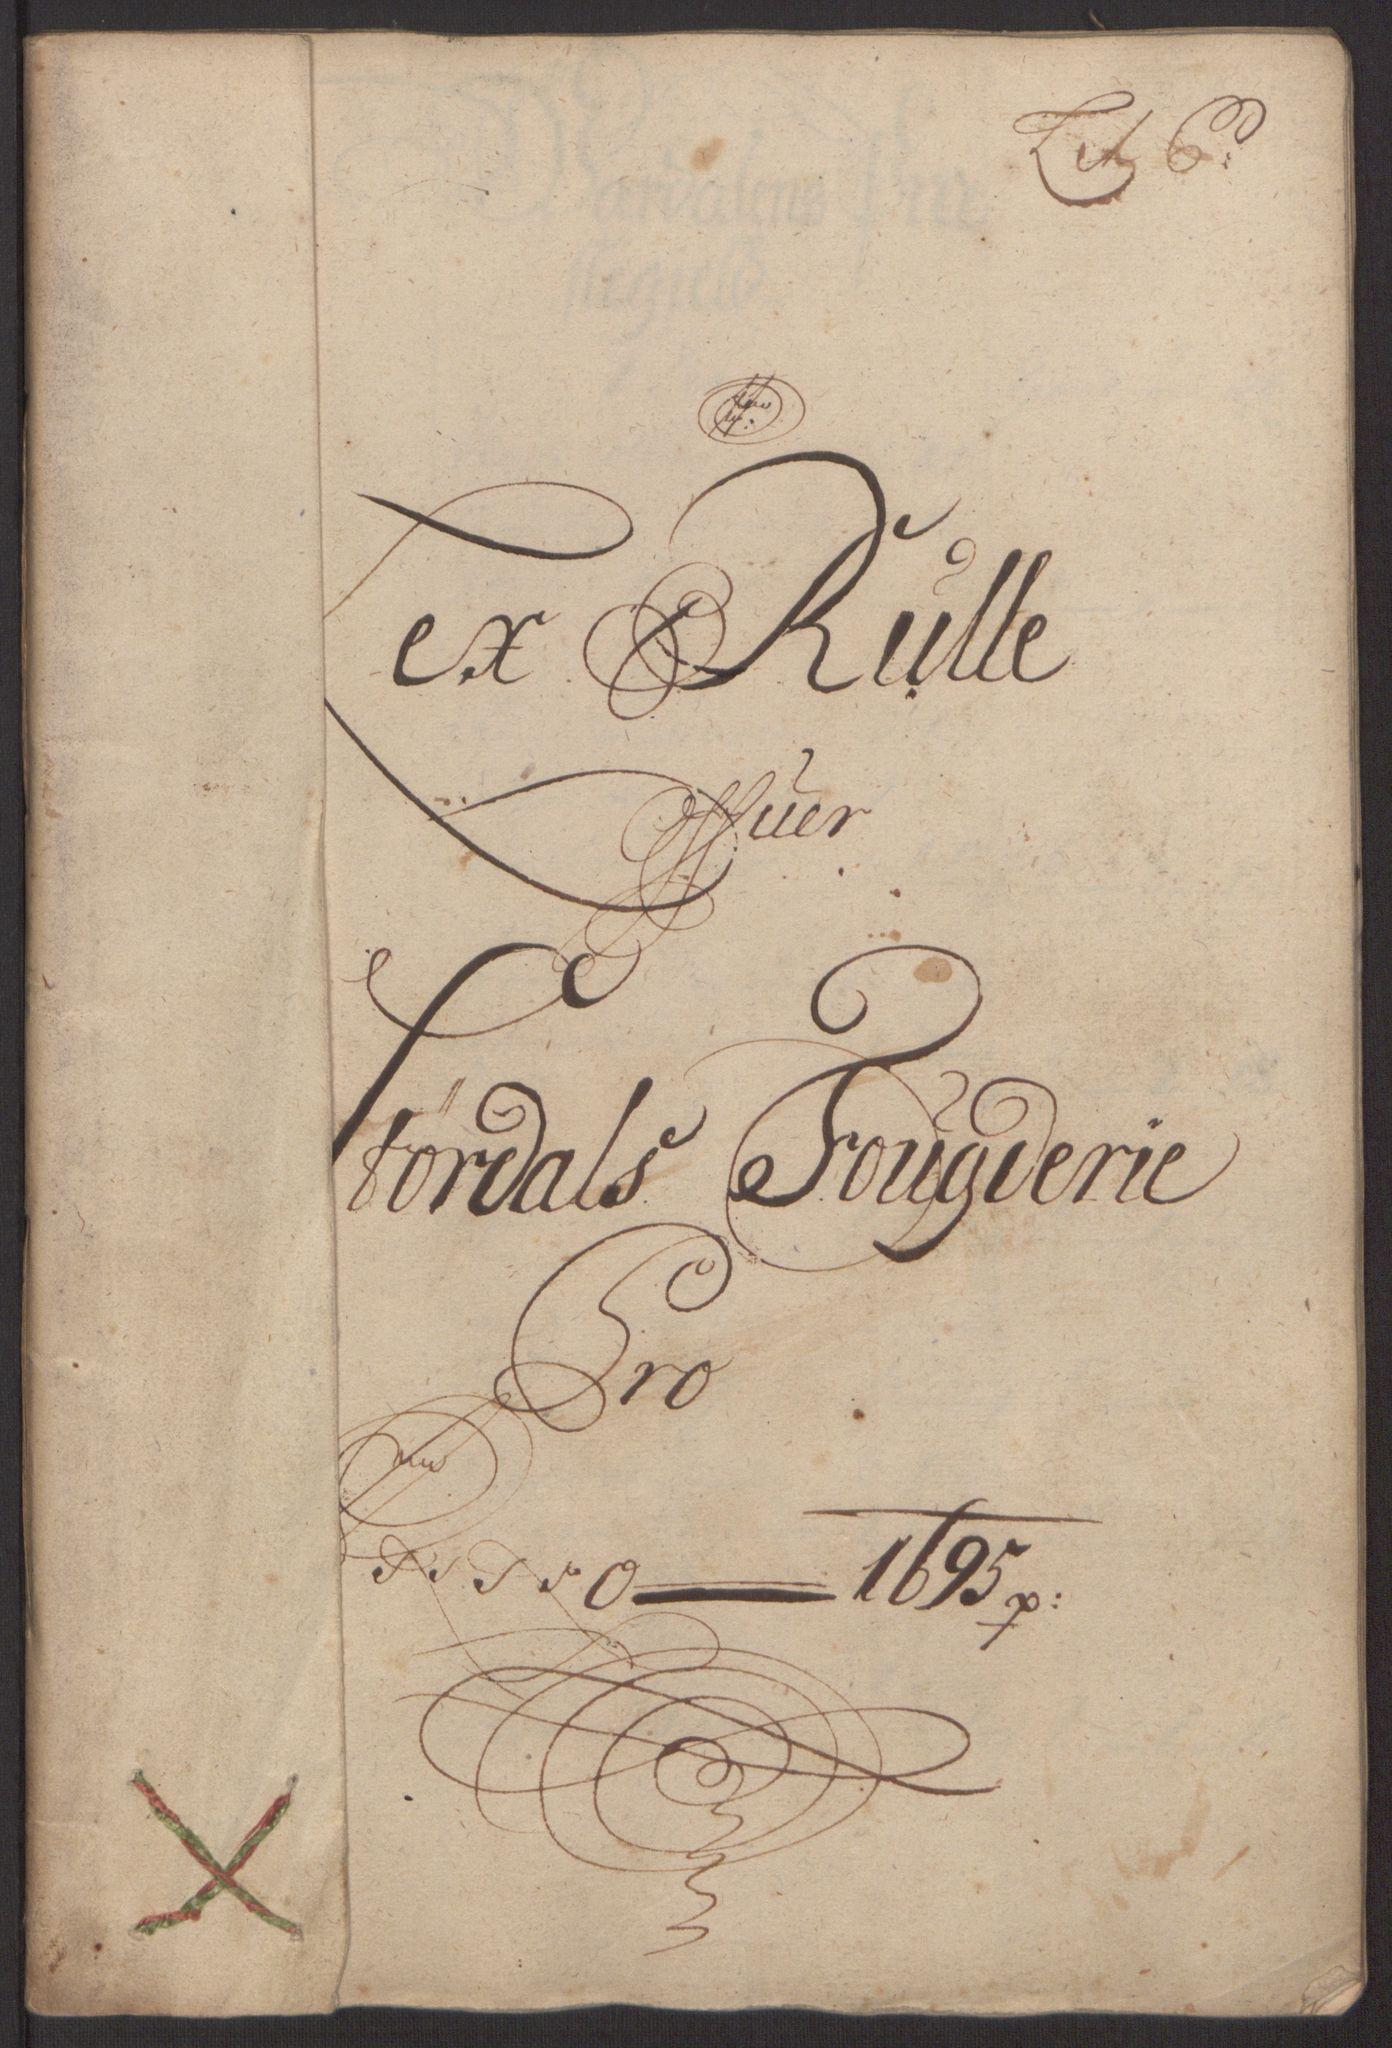 RA, Rentekammeret inntil 1814, Reviderte regnskaper, Fogderegnskap, R62/L4187: Fogderegnskap Stjørdal og Verdal, 1695, s. 66